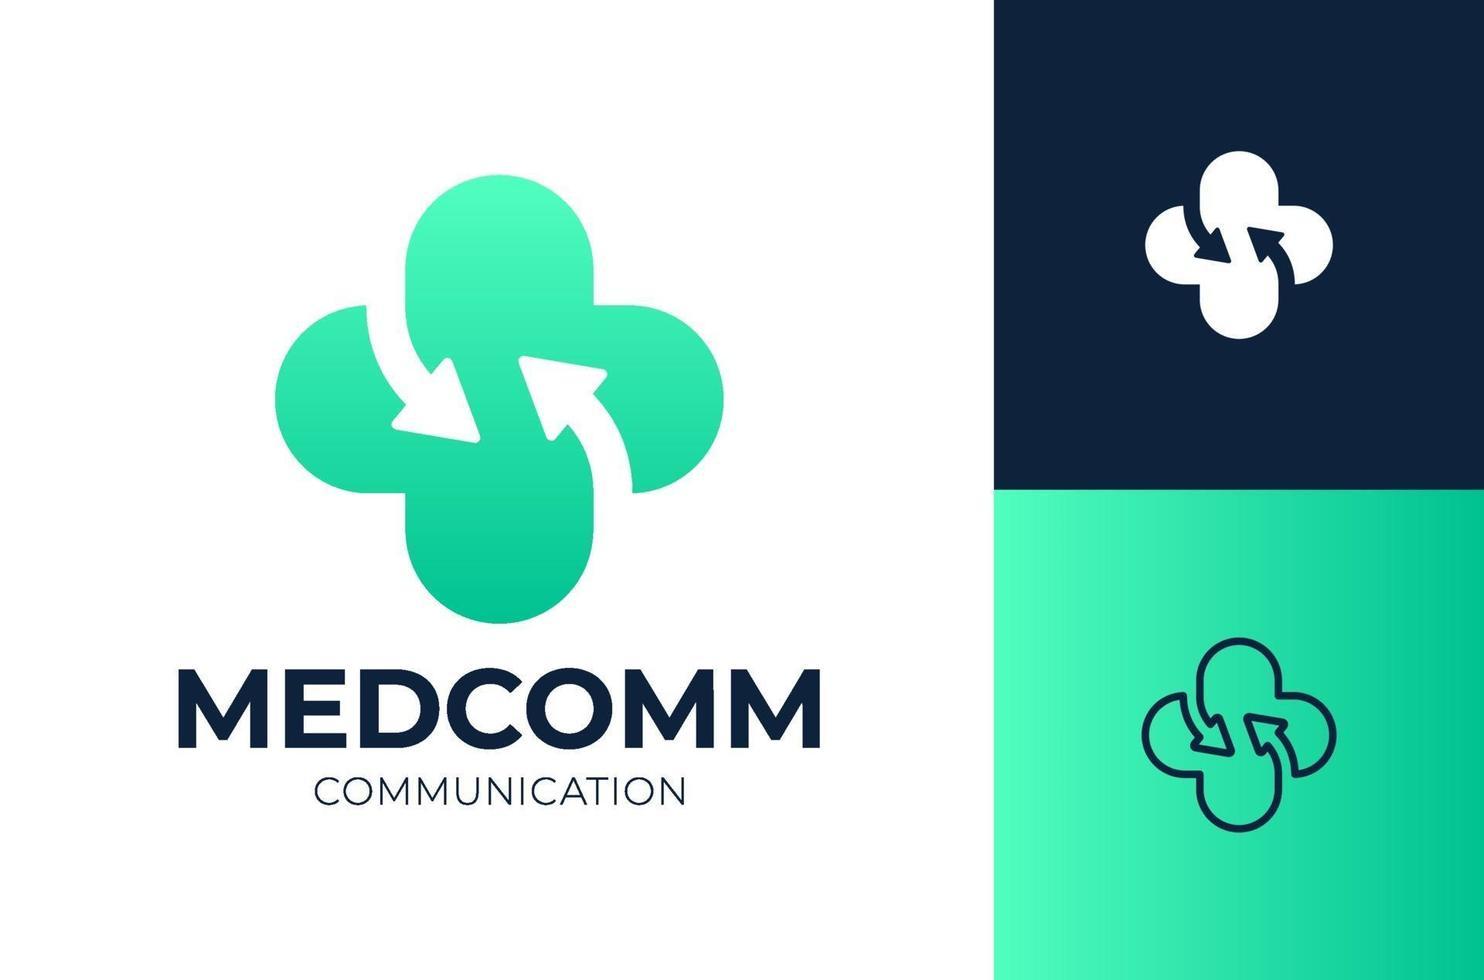 freccia sanità logo design illustrazione vettoriale. logotipo vettoriale croce medica collegare.